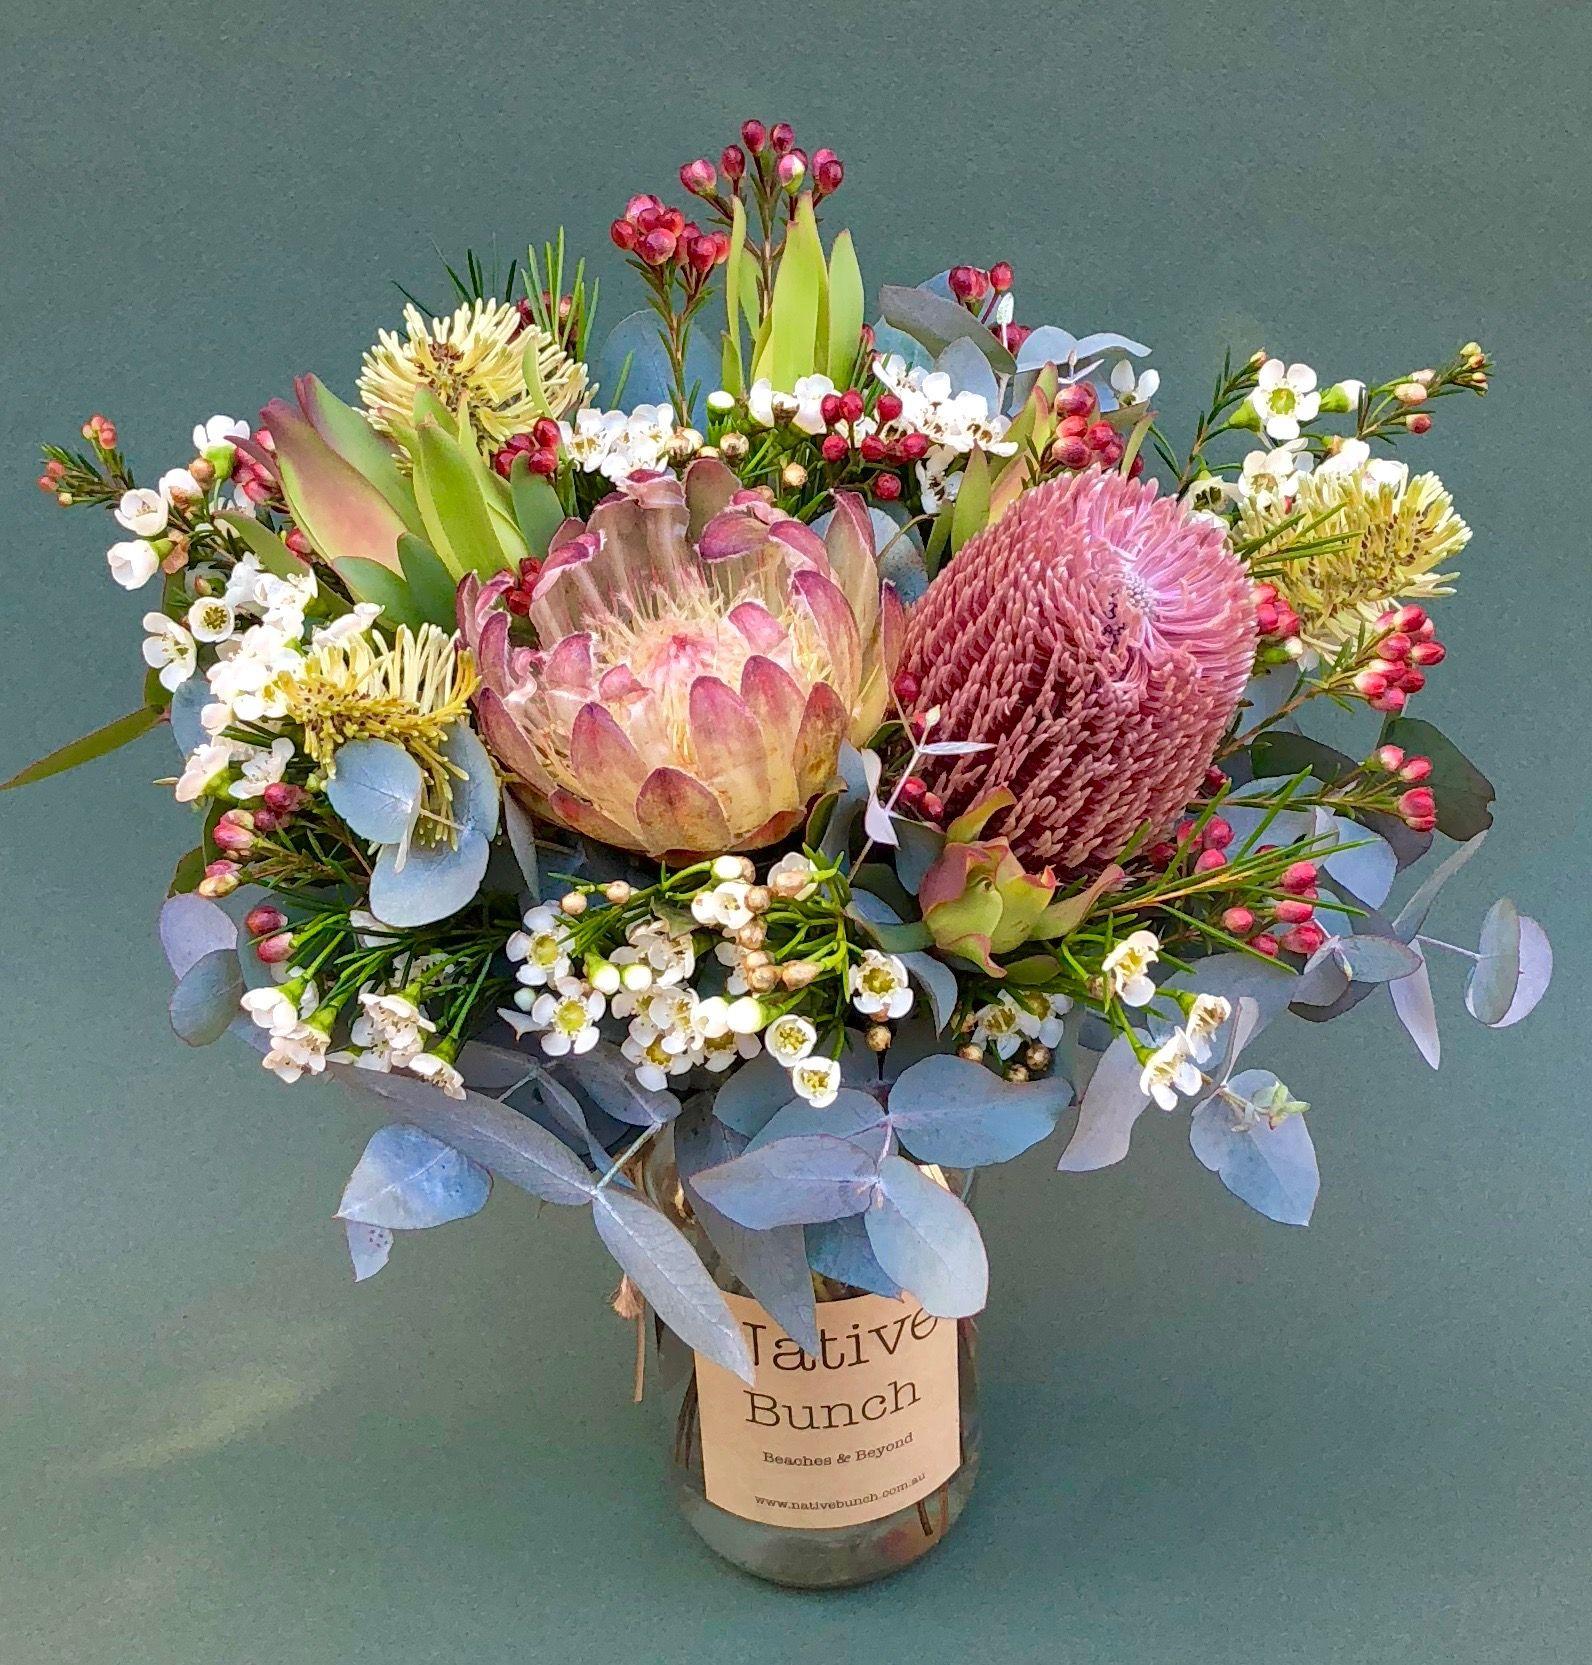 Native Flowers In A Jar Banksia Protea Waxflower Buds Online This Week Birthday Flowers Arrangements Australian Native Flowers Australian Flowers